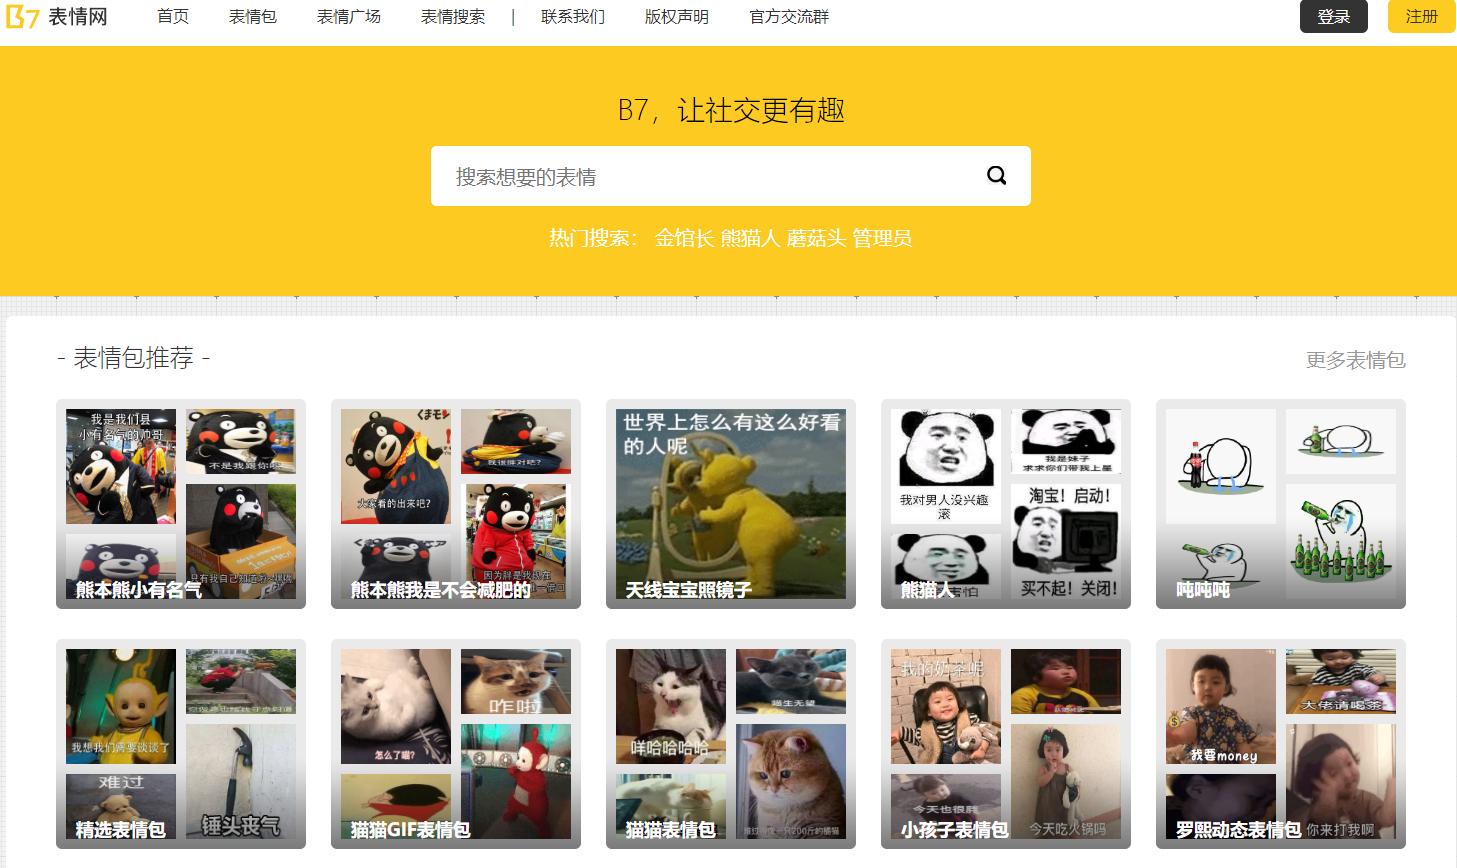 【趣站】一个搜表情包的网站-B7表情网- ACG17.COM